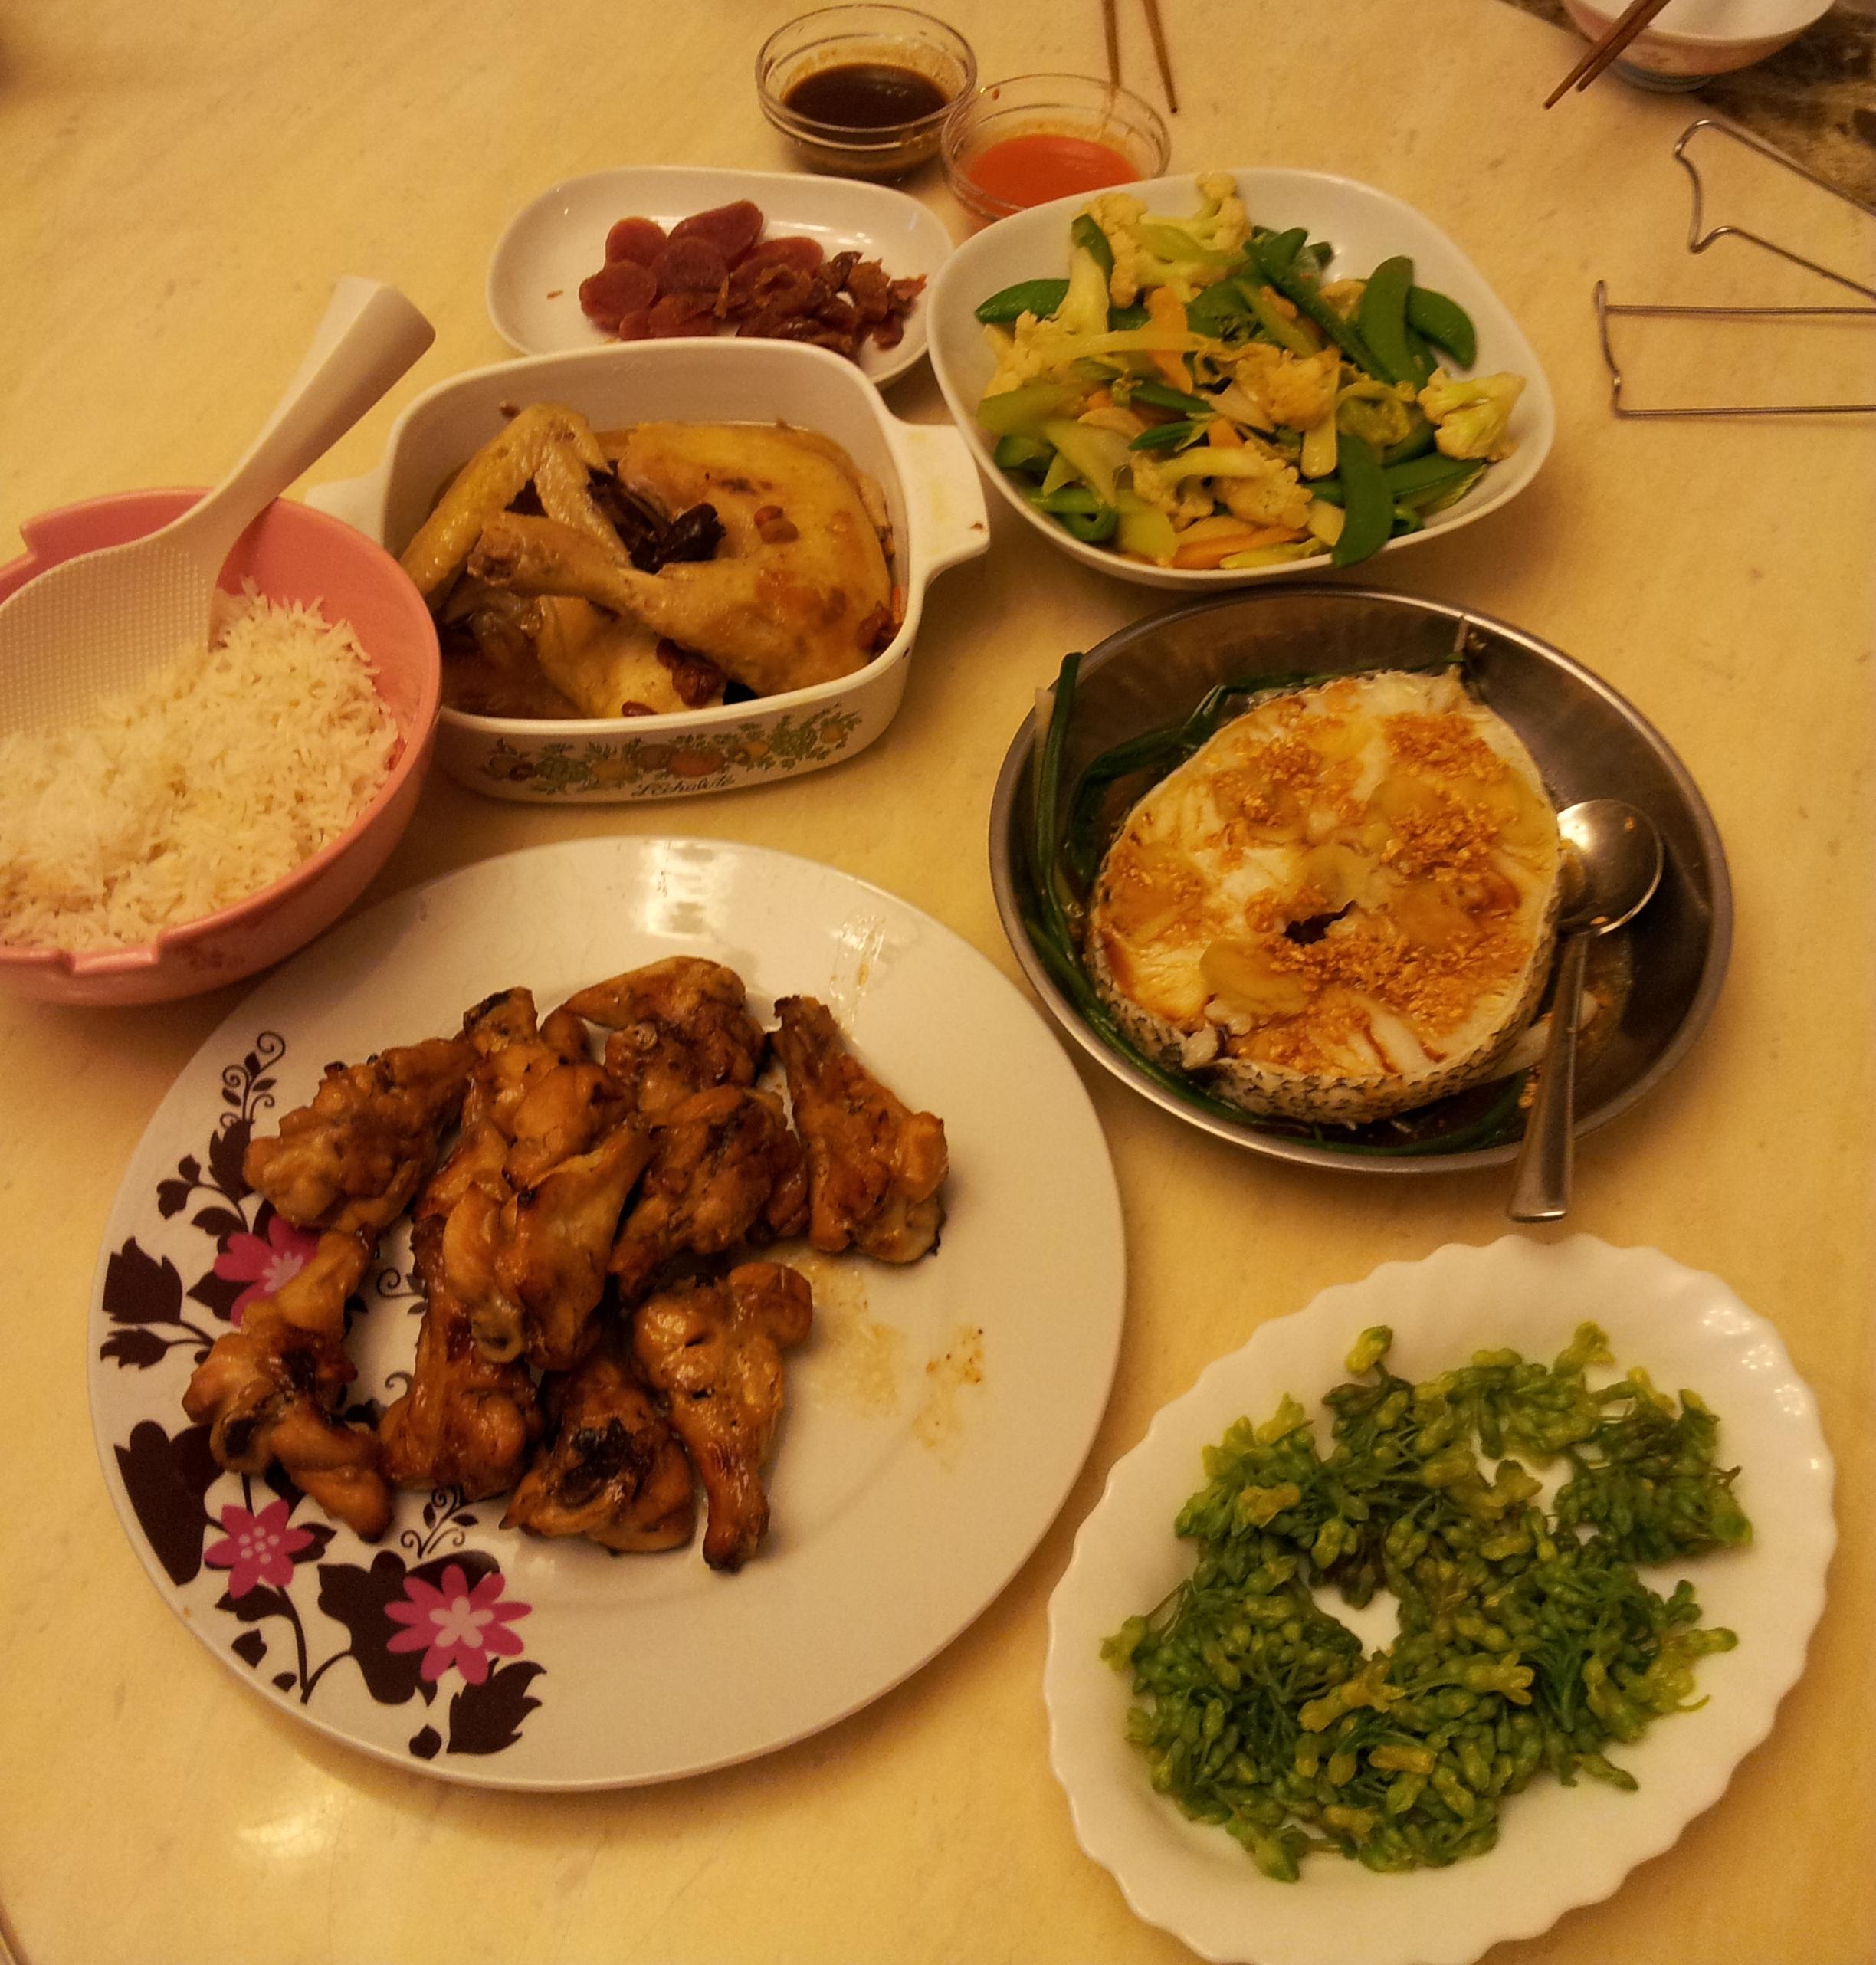 dinner-19-feb-2013-2.jpg